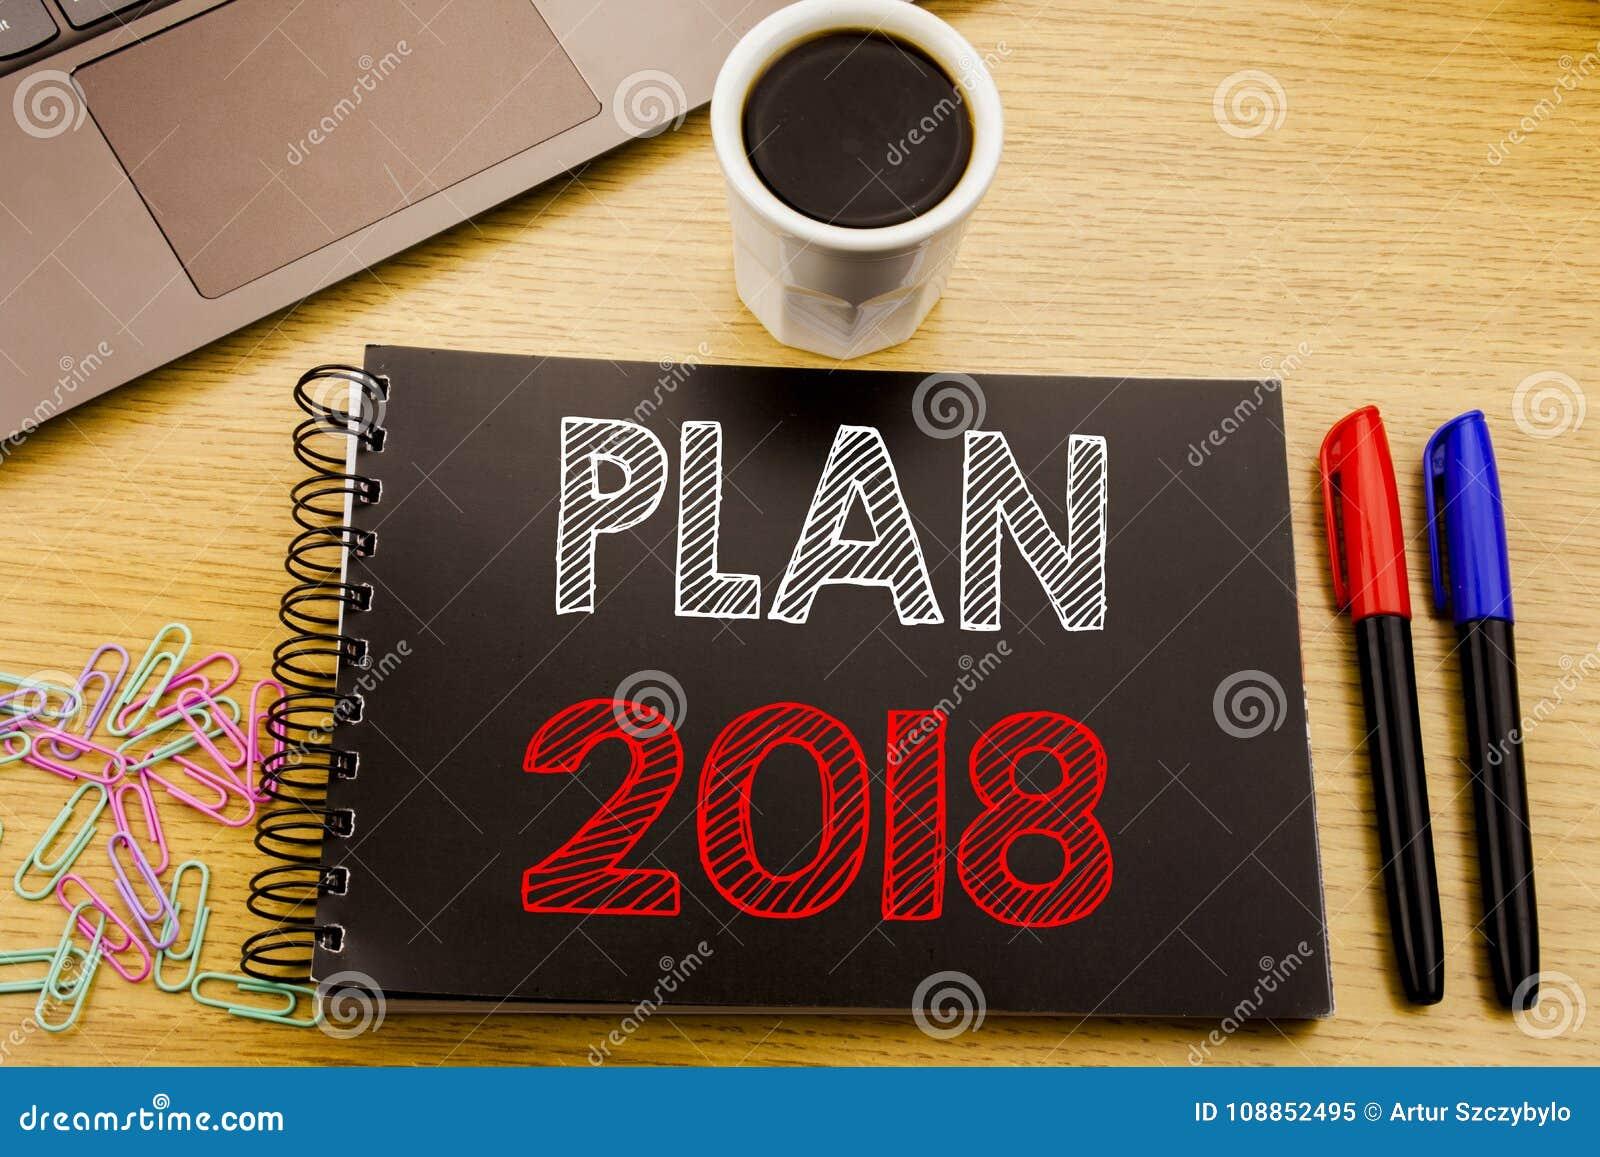 Κείμενο ανακοίνωσης γραφής που παρουσιάζει σχέδιο 2018 Επιχειρησιακή έννοια για τον προγραμματισμό του σχεδίου δράσης στρατηγικής